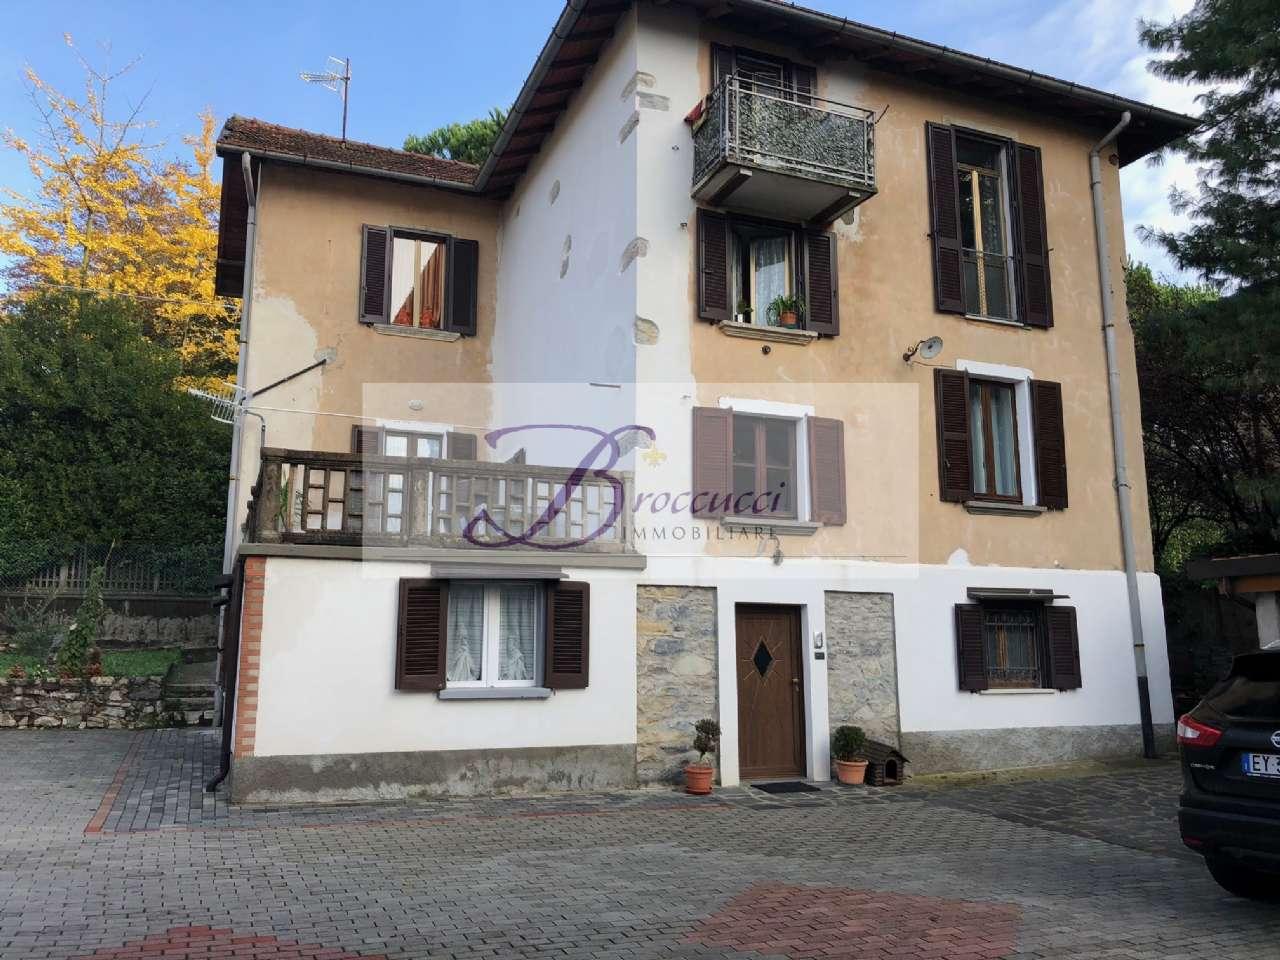 Appartamento ristrutturato in vendita Rif. 8576005